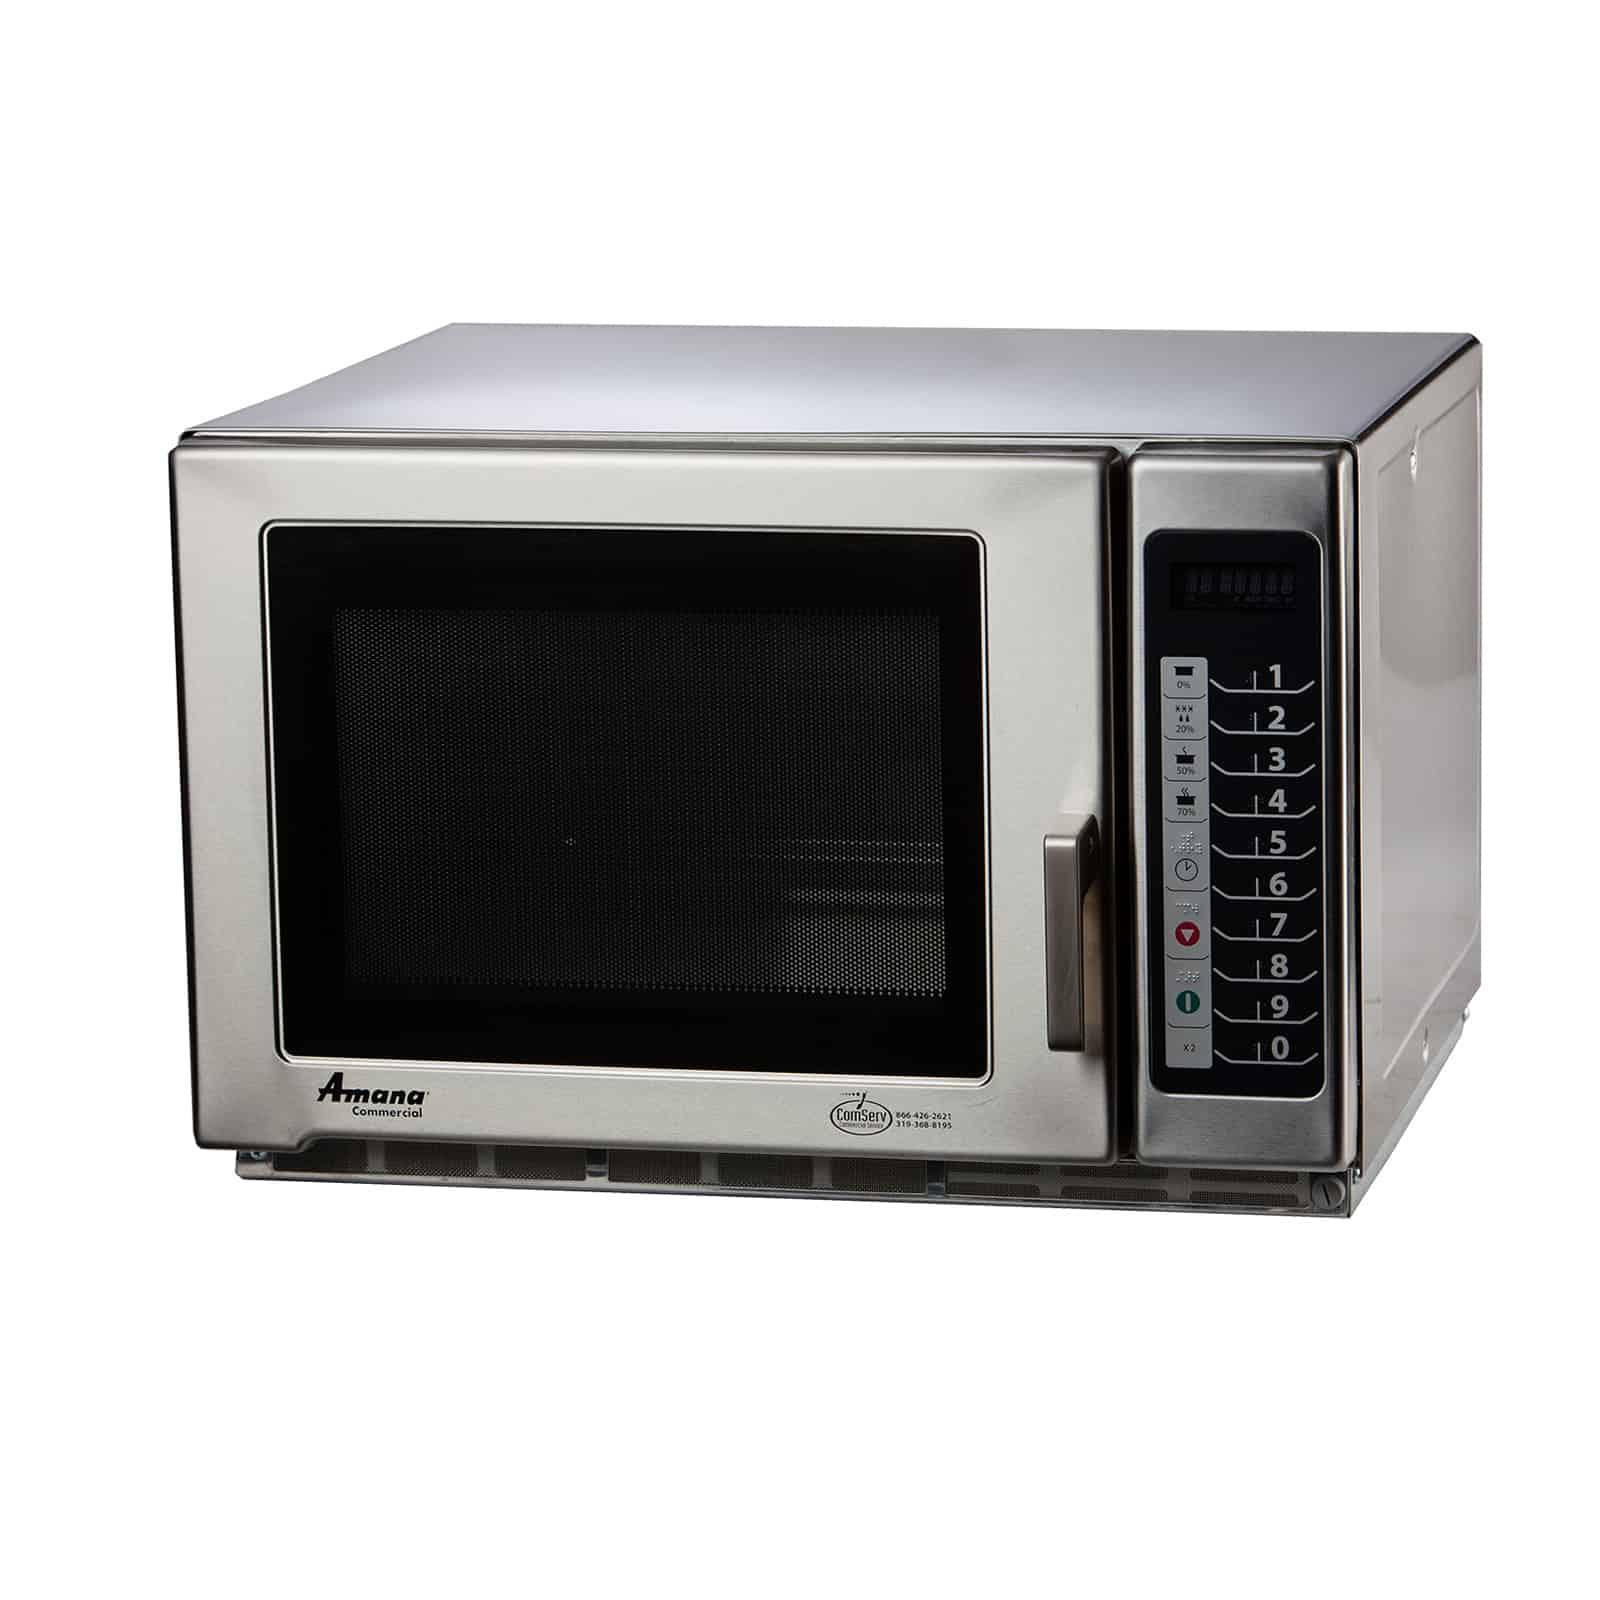 Acp Rfs12ts Amana Commercial Microwave